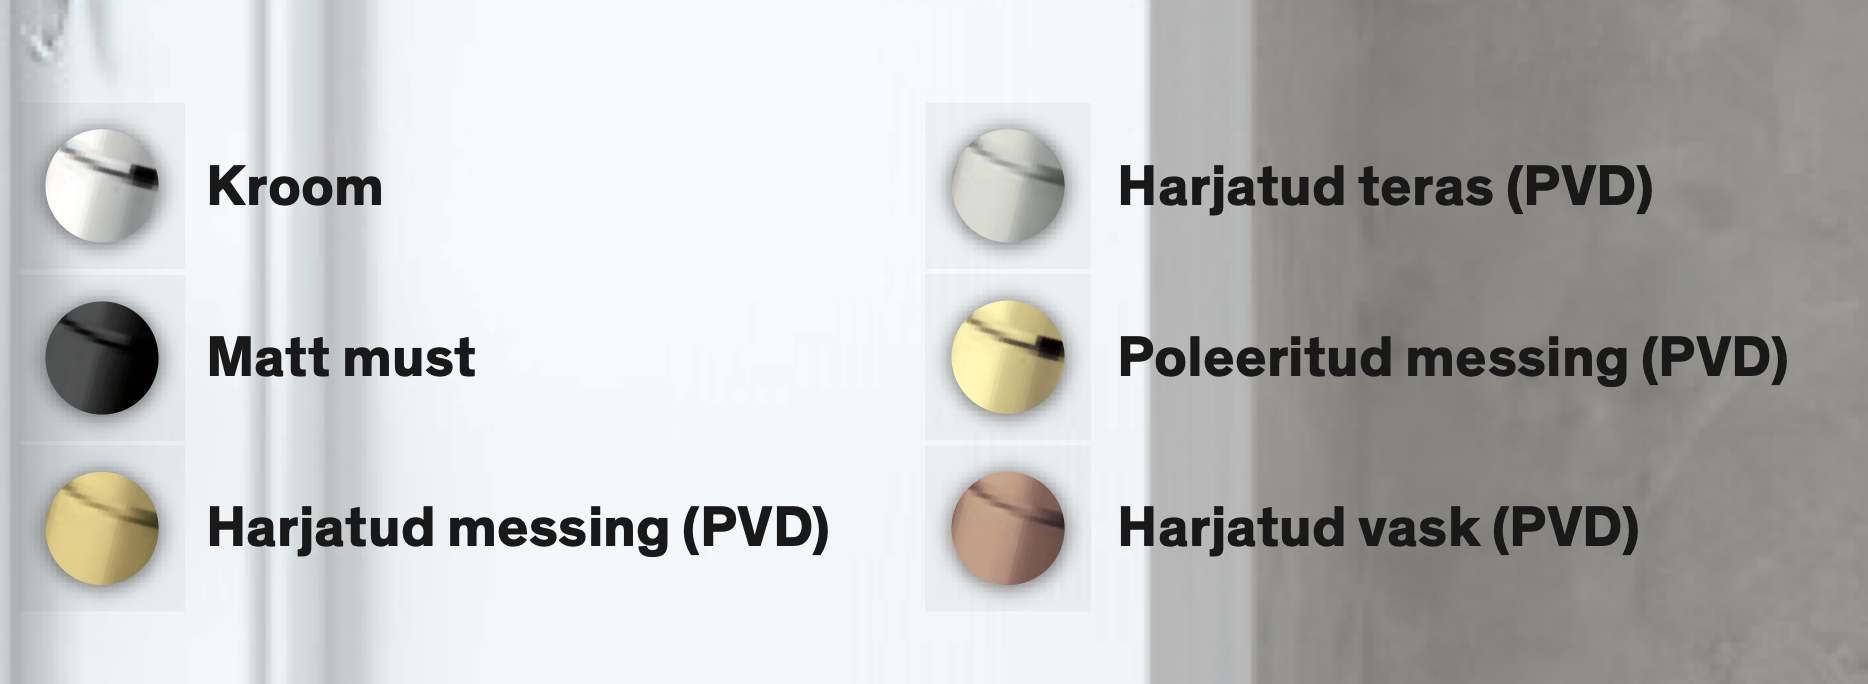 Silhouet seeria viimistlused: kroom, must matt, harjatud messing, harjatud vask, poleeritud messing, matt kroom.